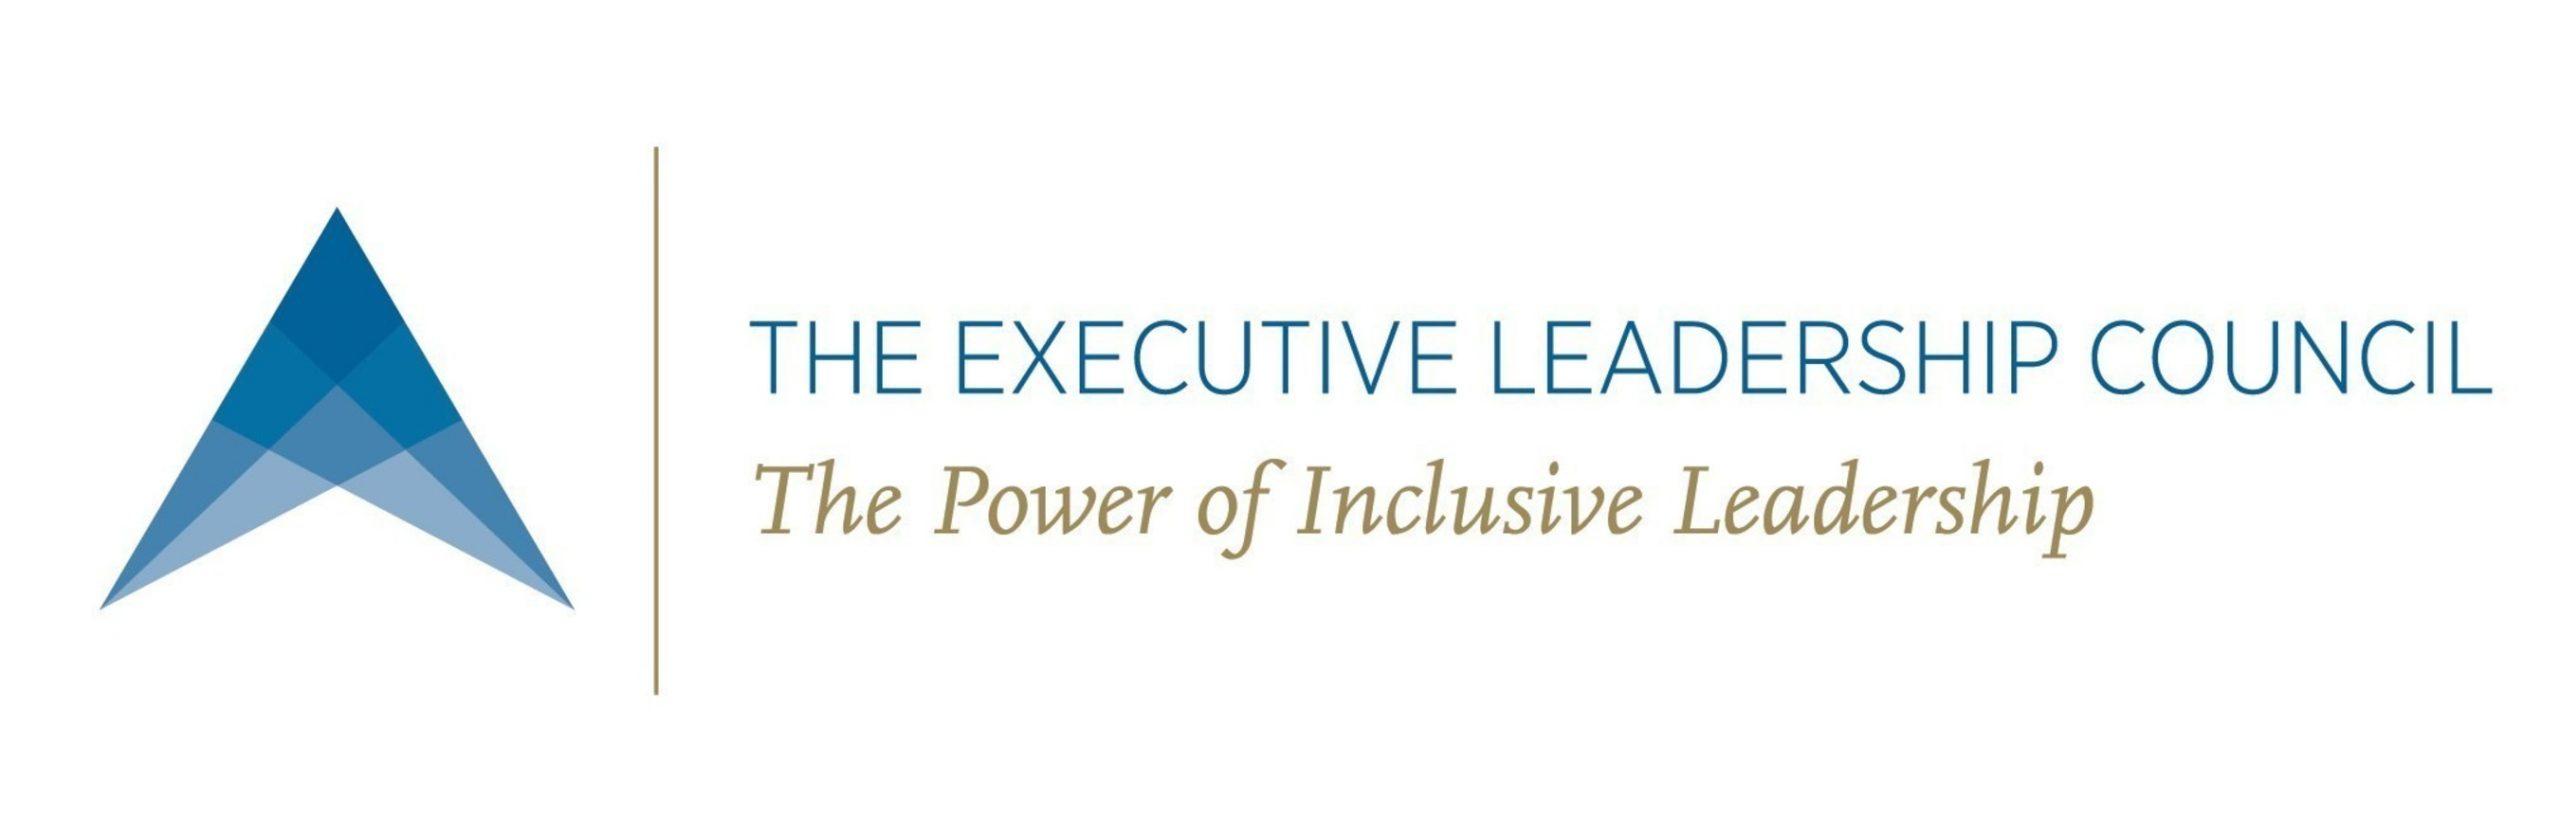 Executive Leadership Council Logo